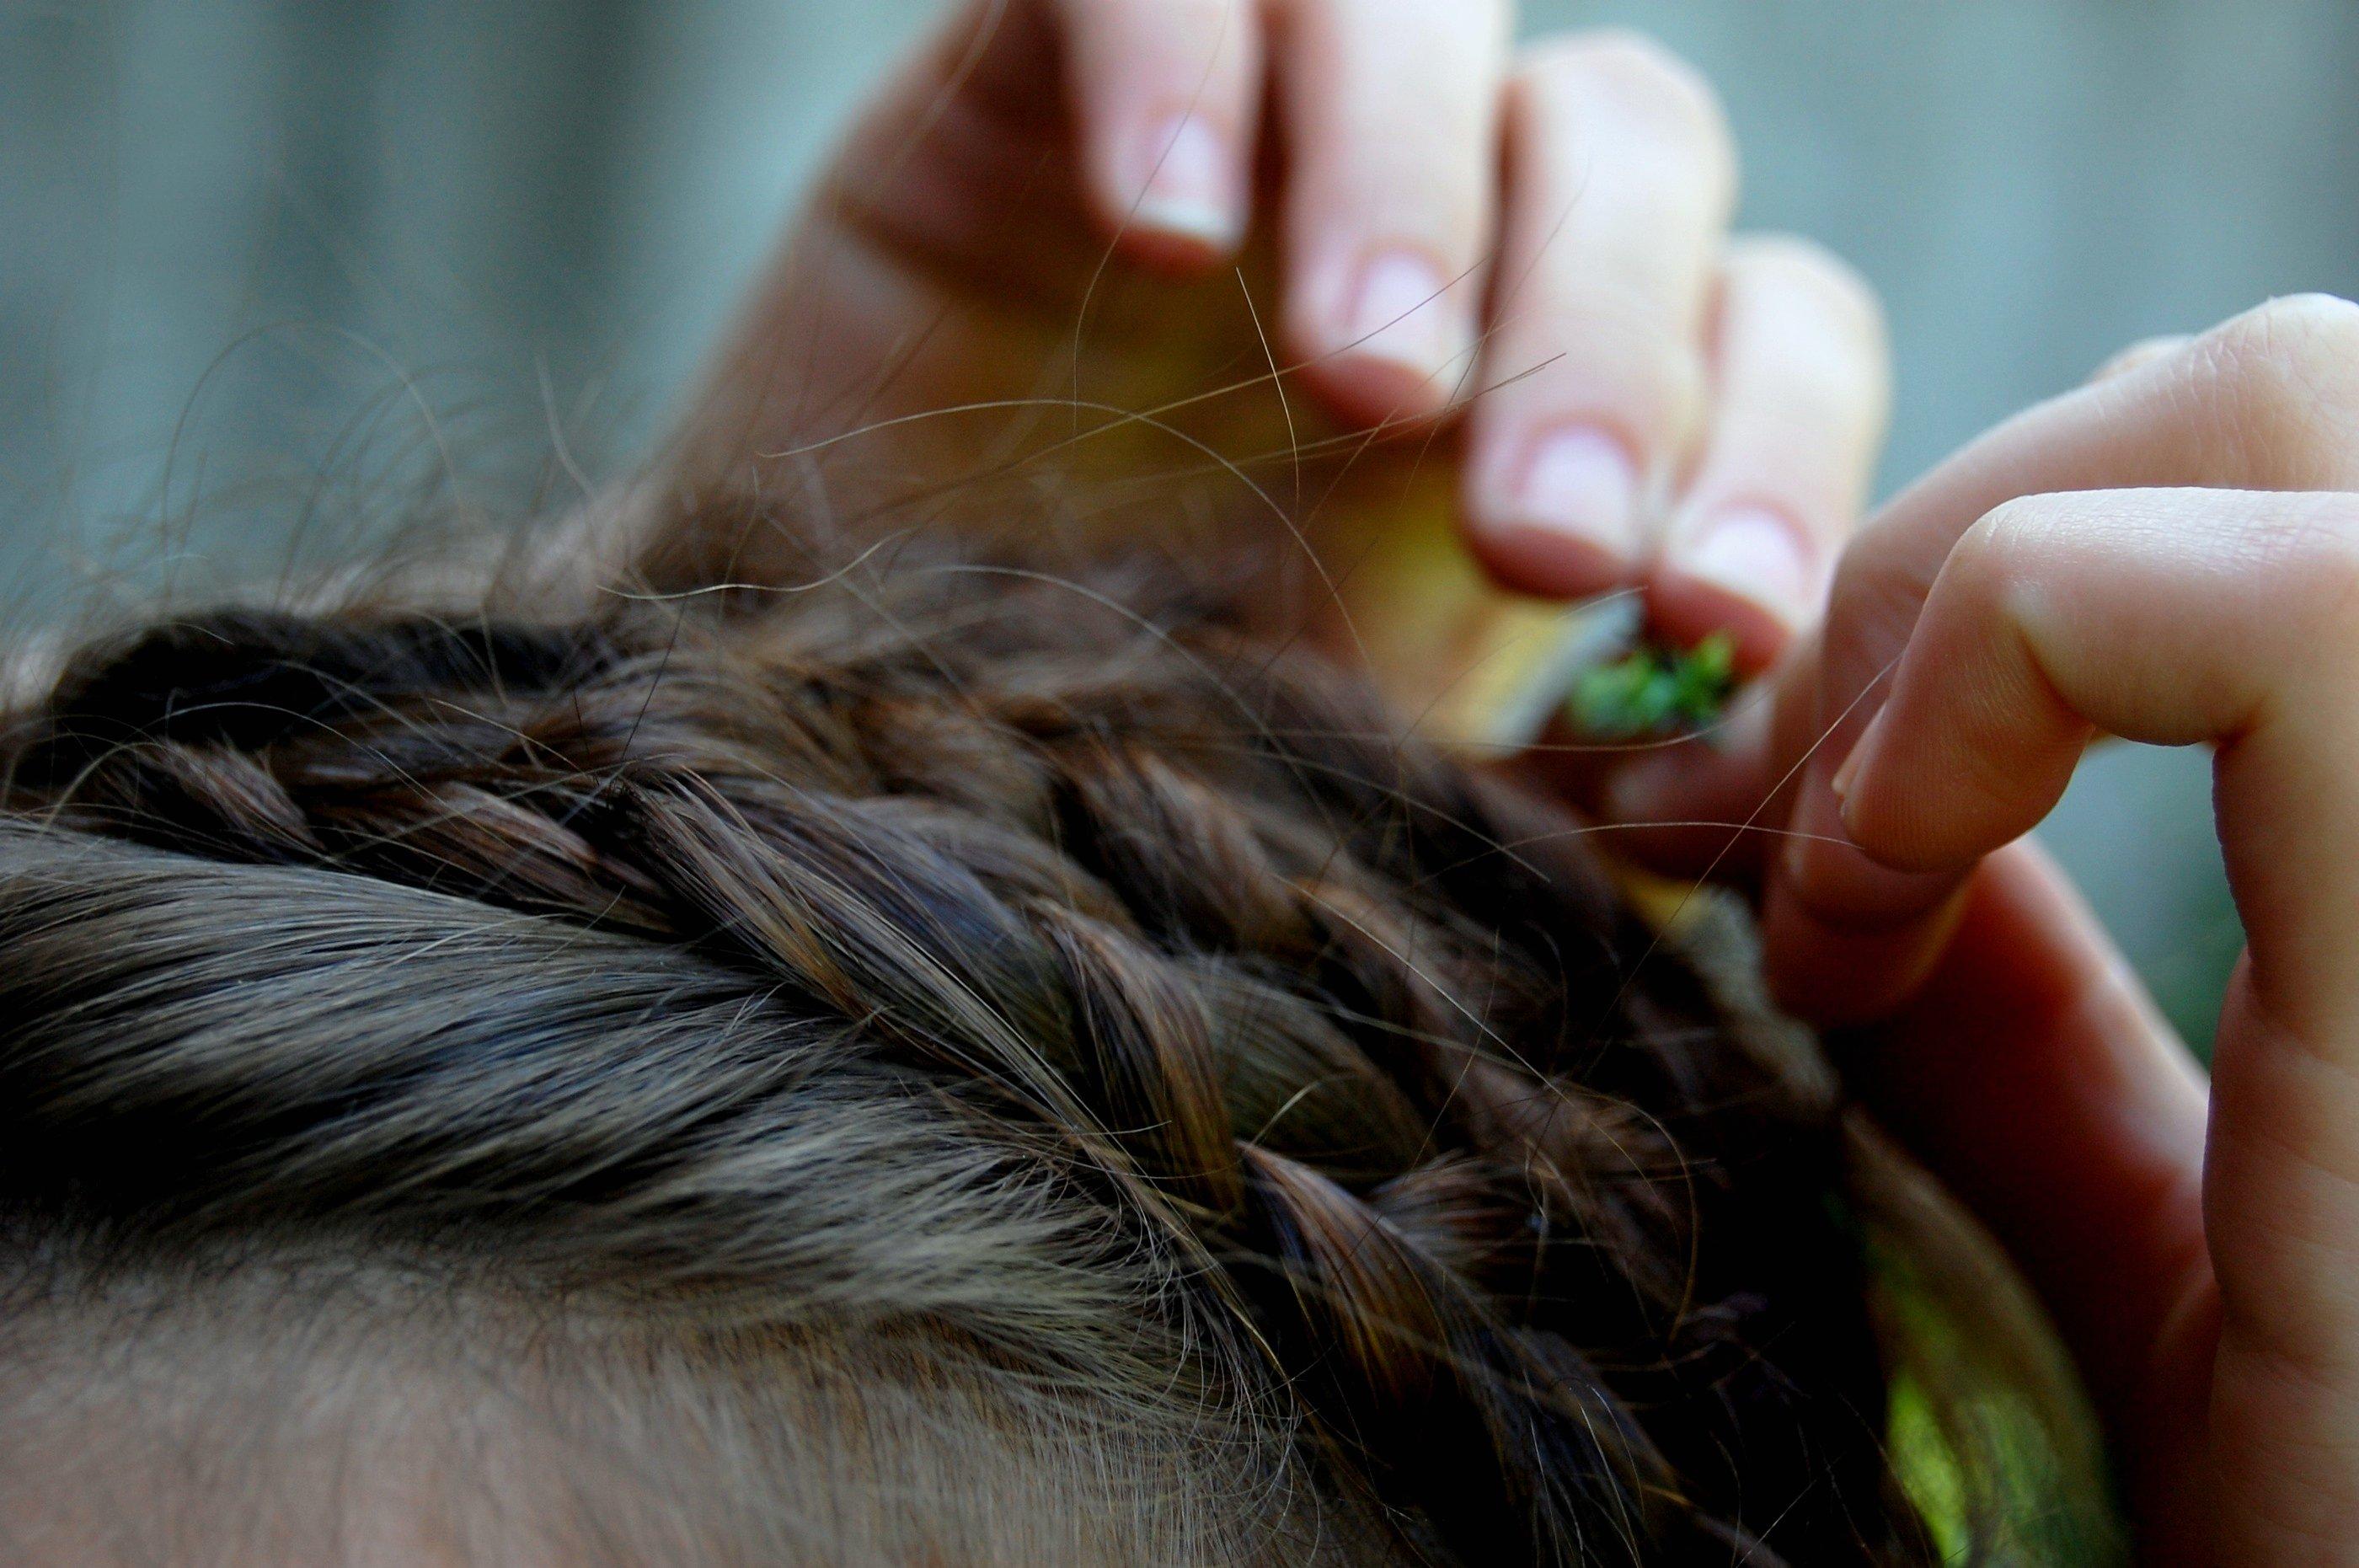 Hintergrundbilder Hände Lange Haare Zöpfe Haar Kopf Mädchen